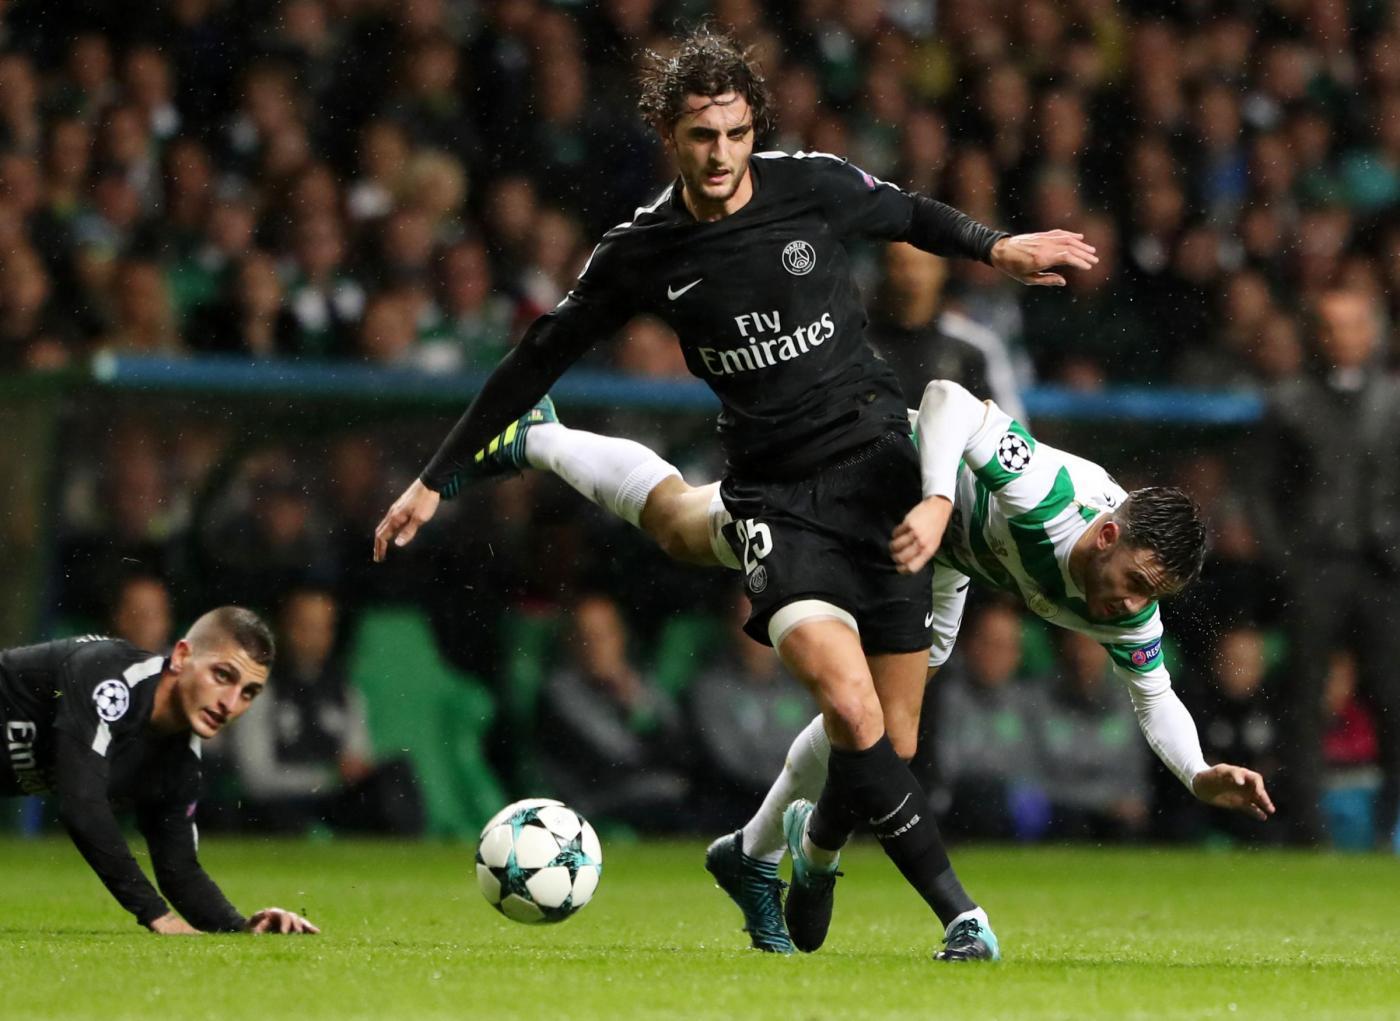 ADRIEN RABIOT (24 anni, centrocampista, Paris Saint Germain): Divorzio ad alto contenuto conflittuale con il club di appartenenza, gestito dalla mamma Veronique che in gennaio sembrava avere fatto tutto con il Barcellona ma che adesso ha riaperto il dialogo con il Real Madrid e un po' anche con la Juventus.